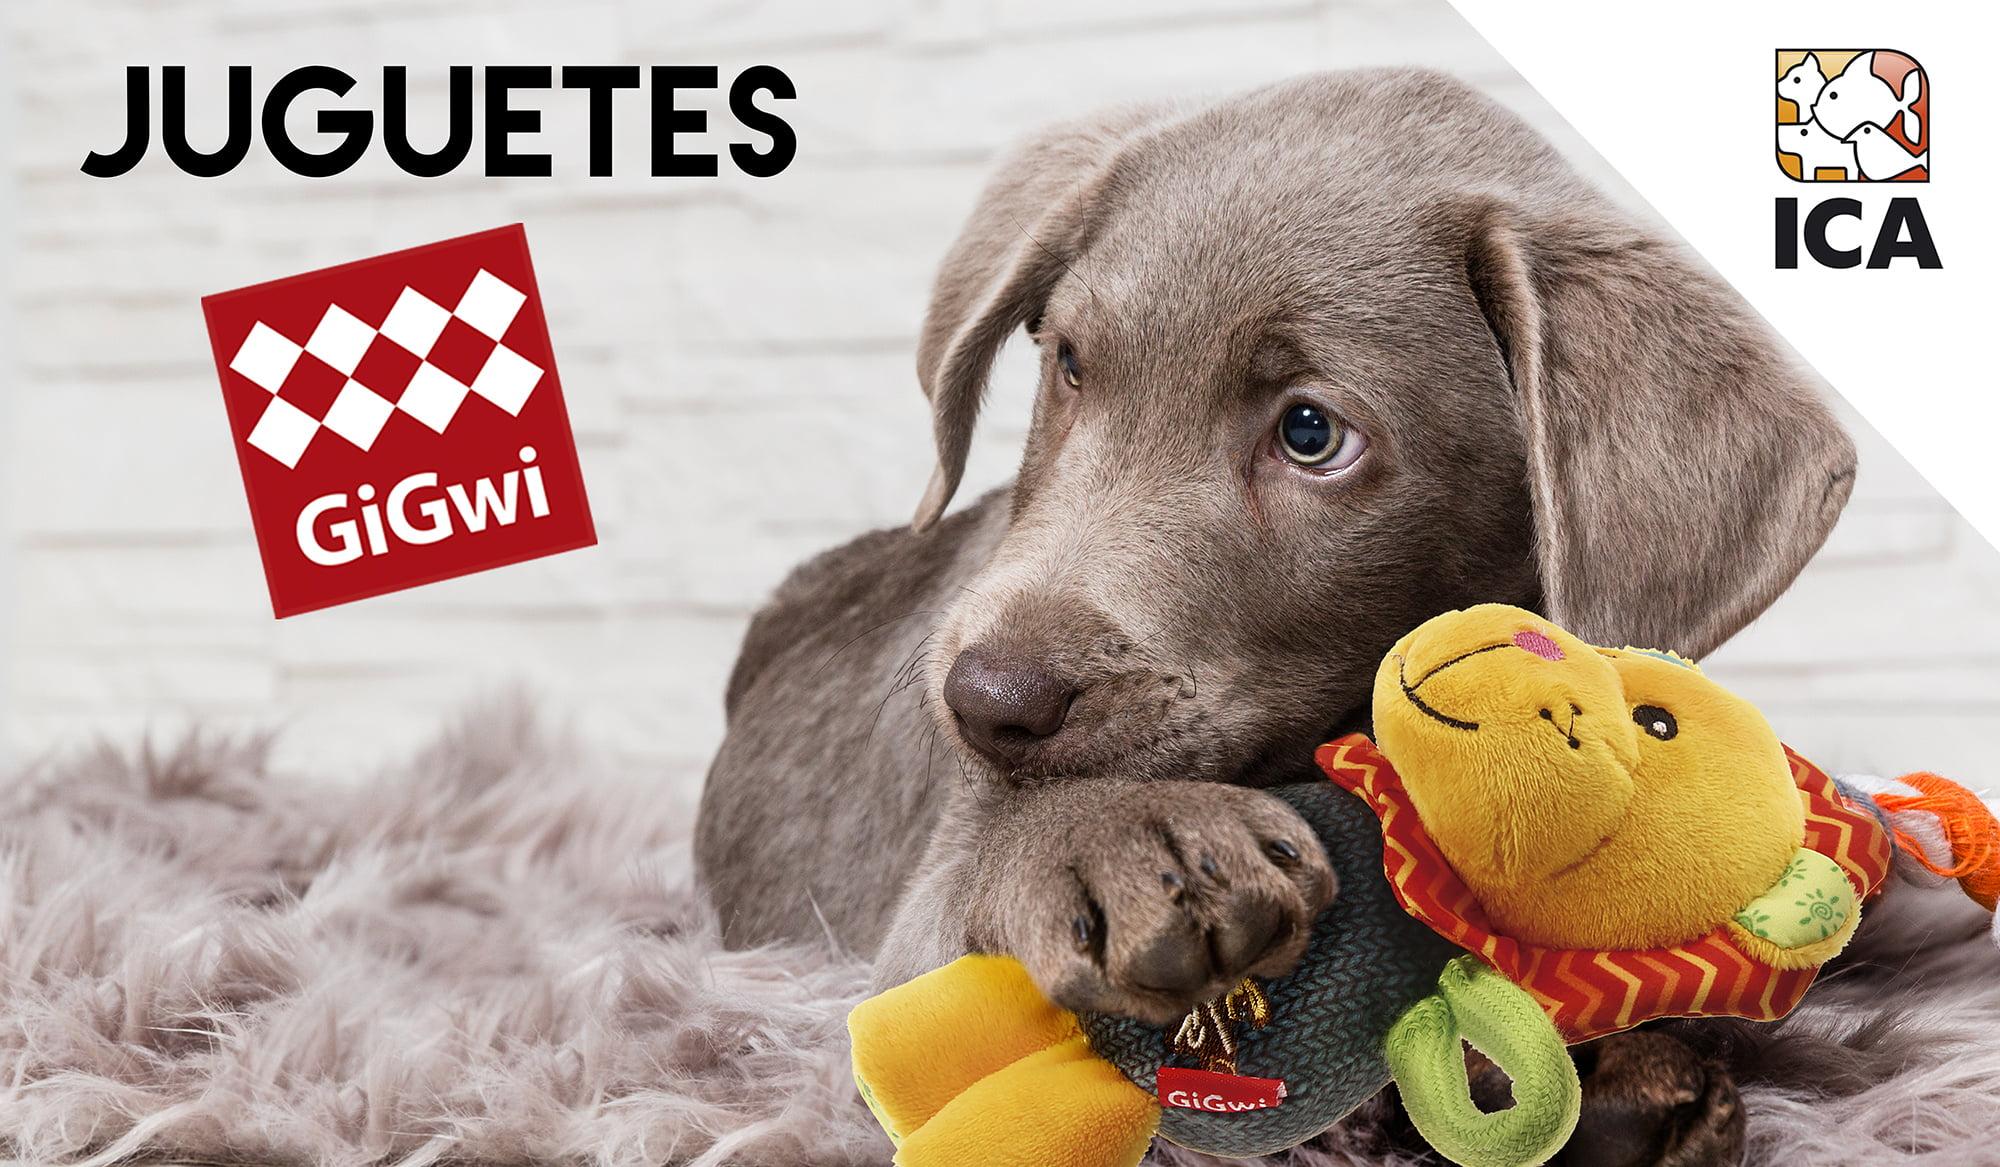 Juguetes para perros y gatos GiGwi